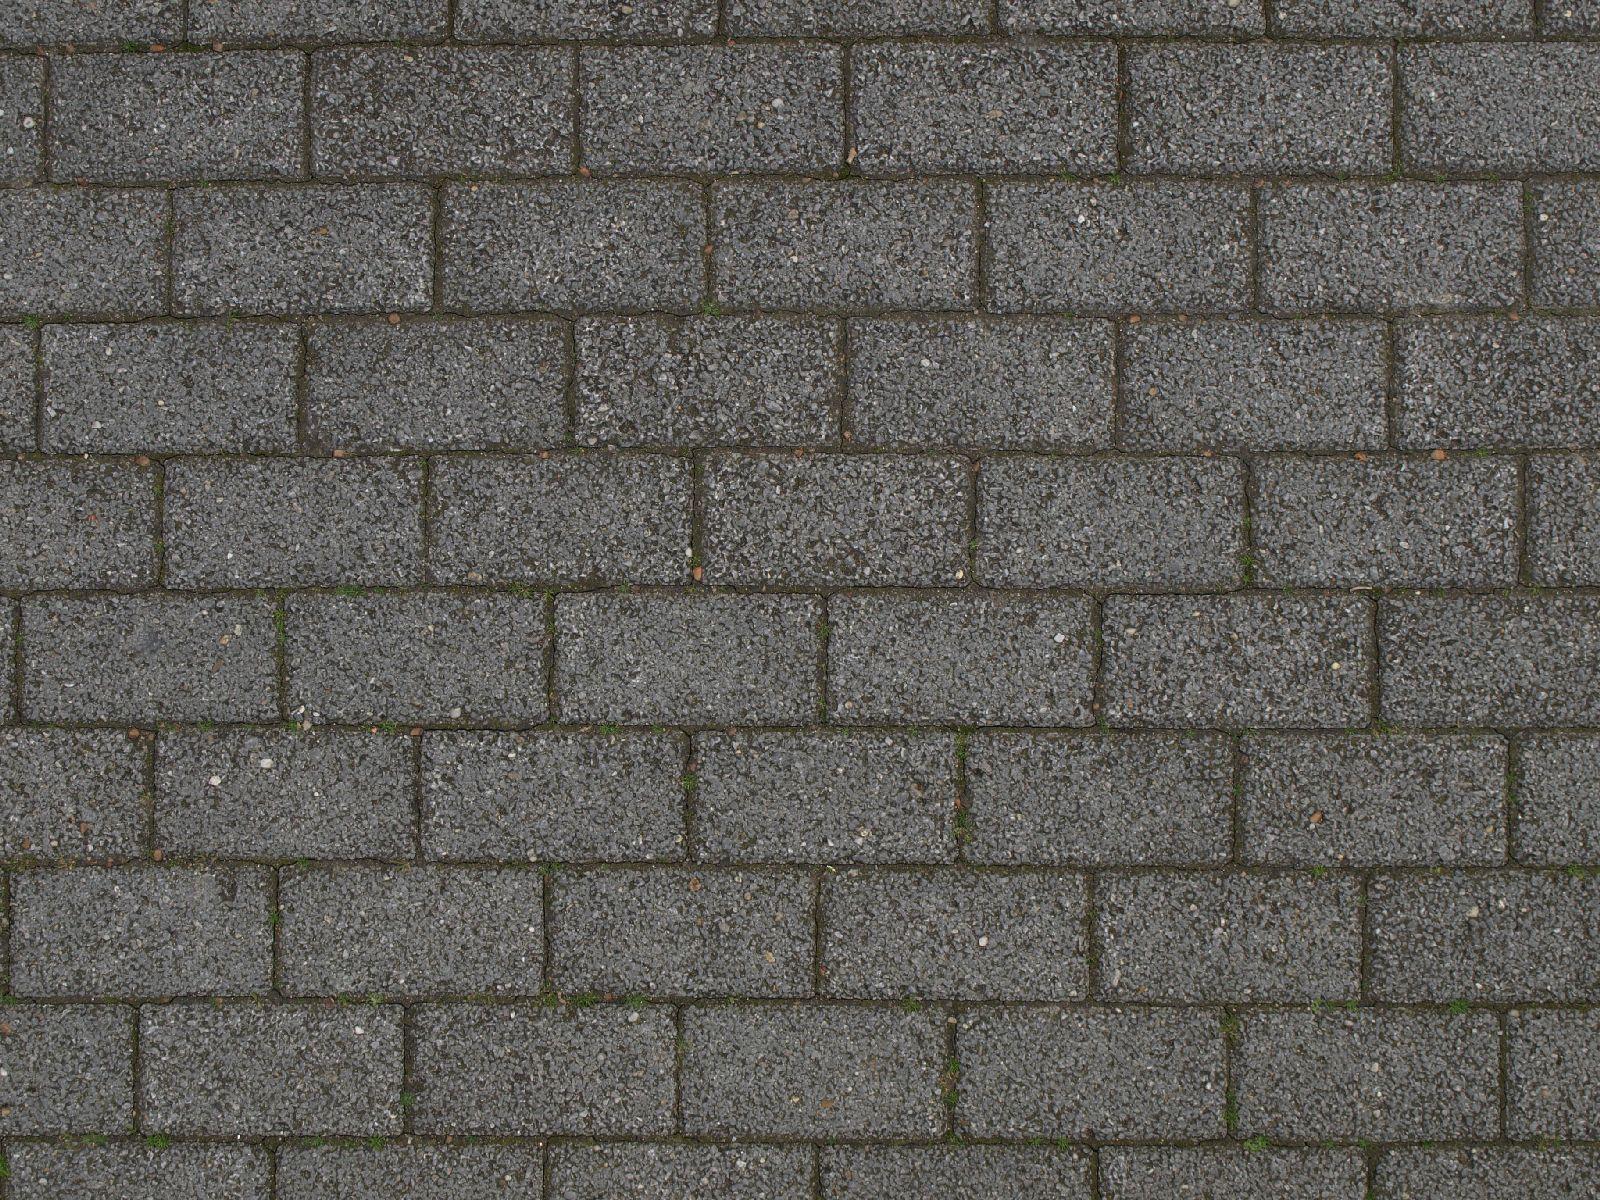 Ground-Urban_Texture_A_P4110669